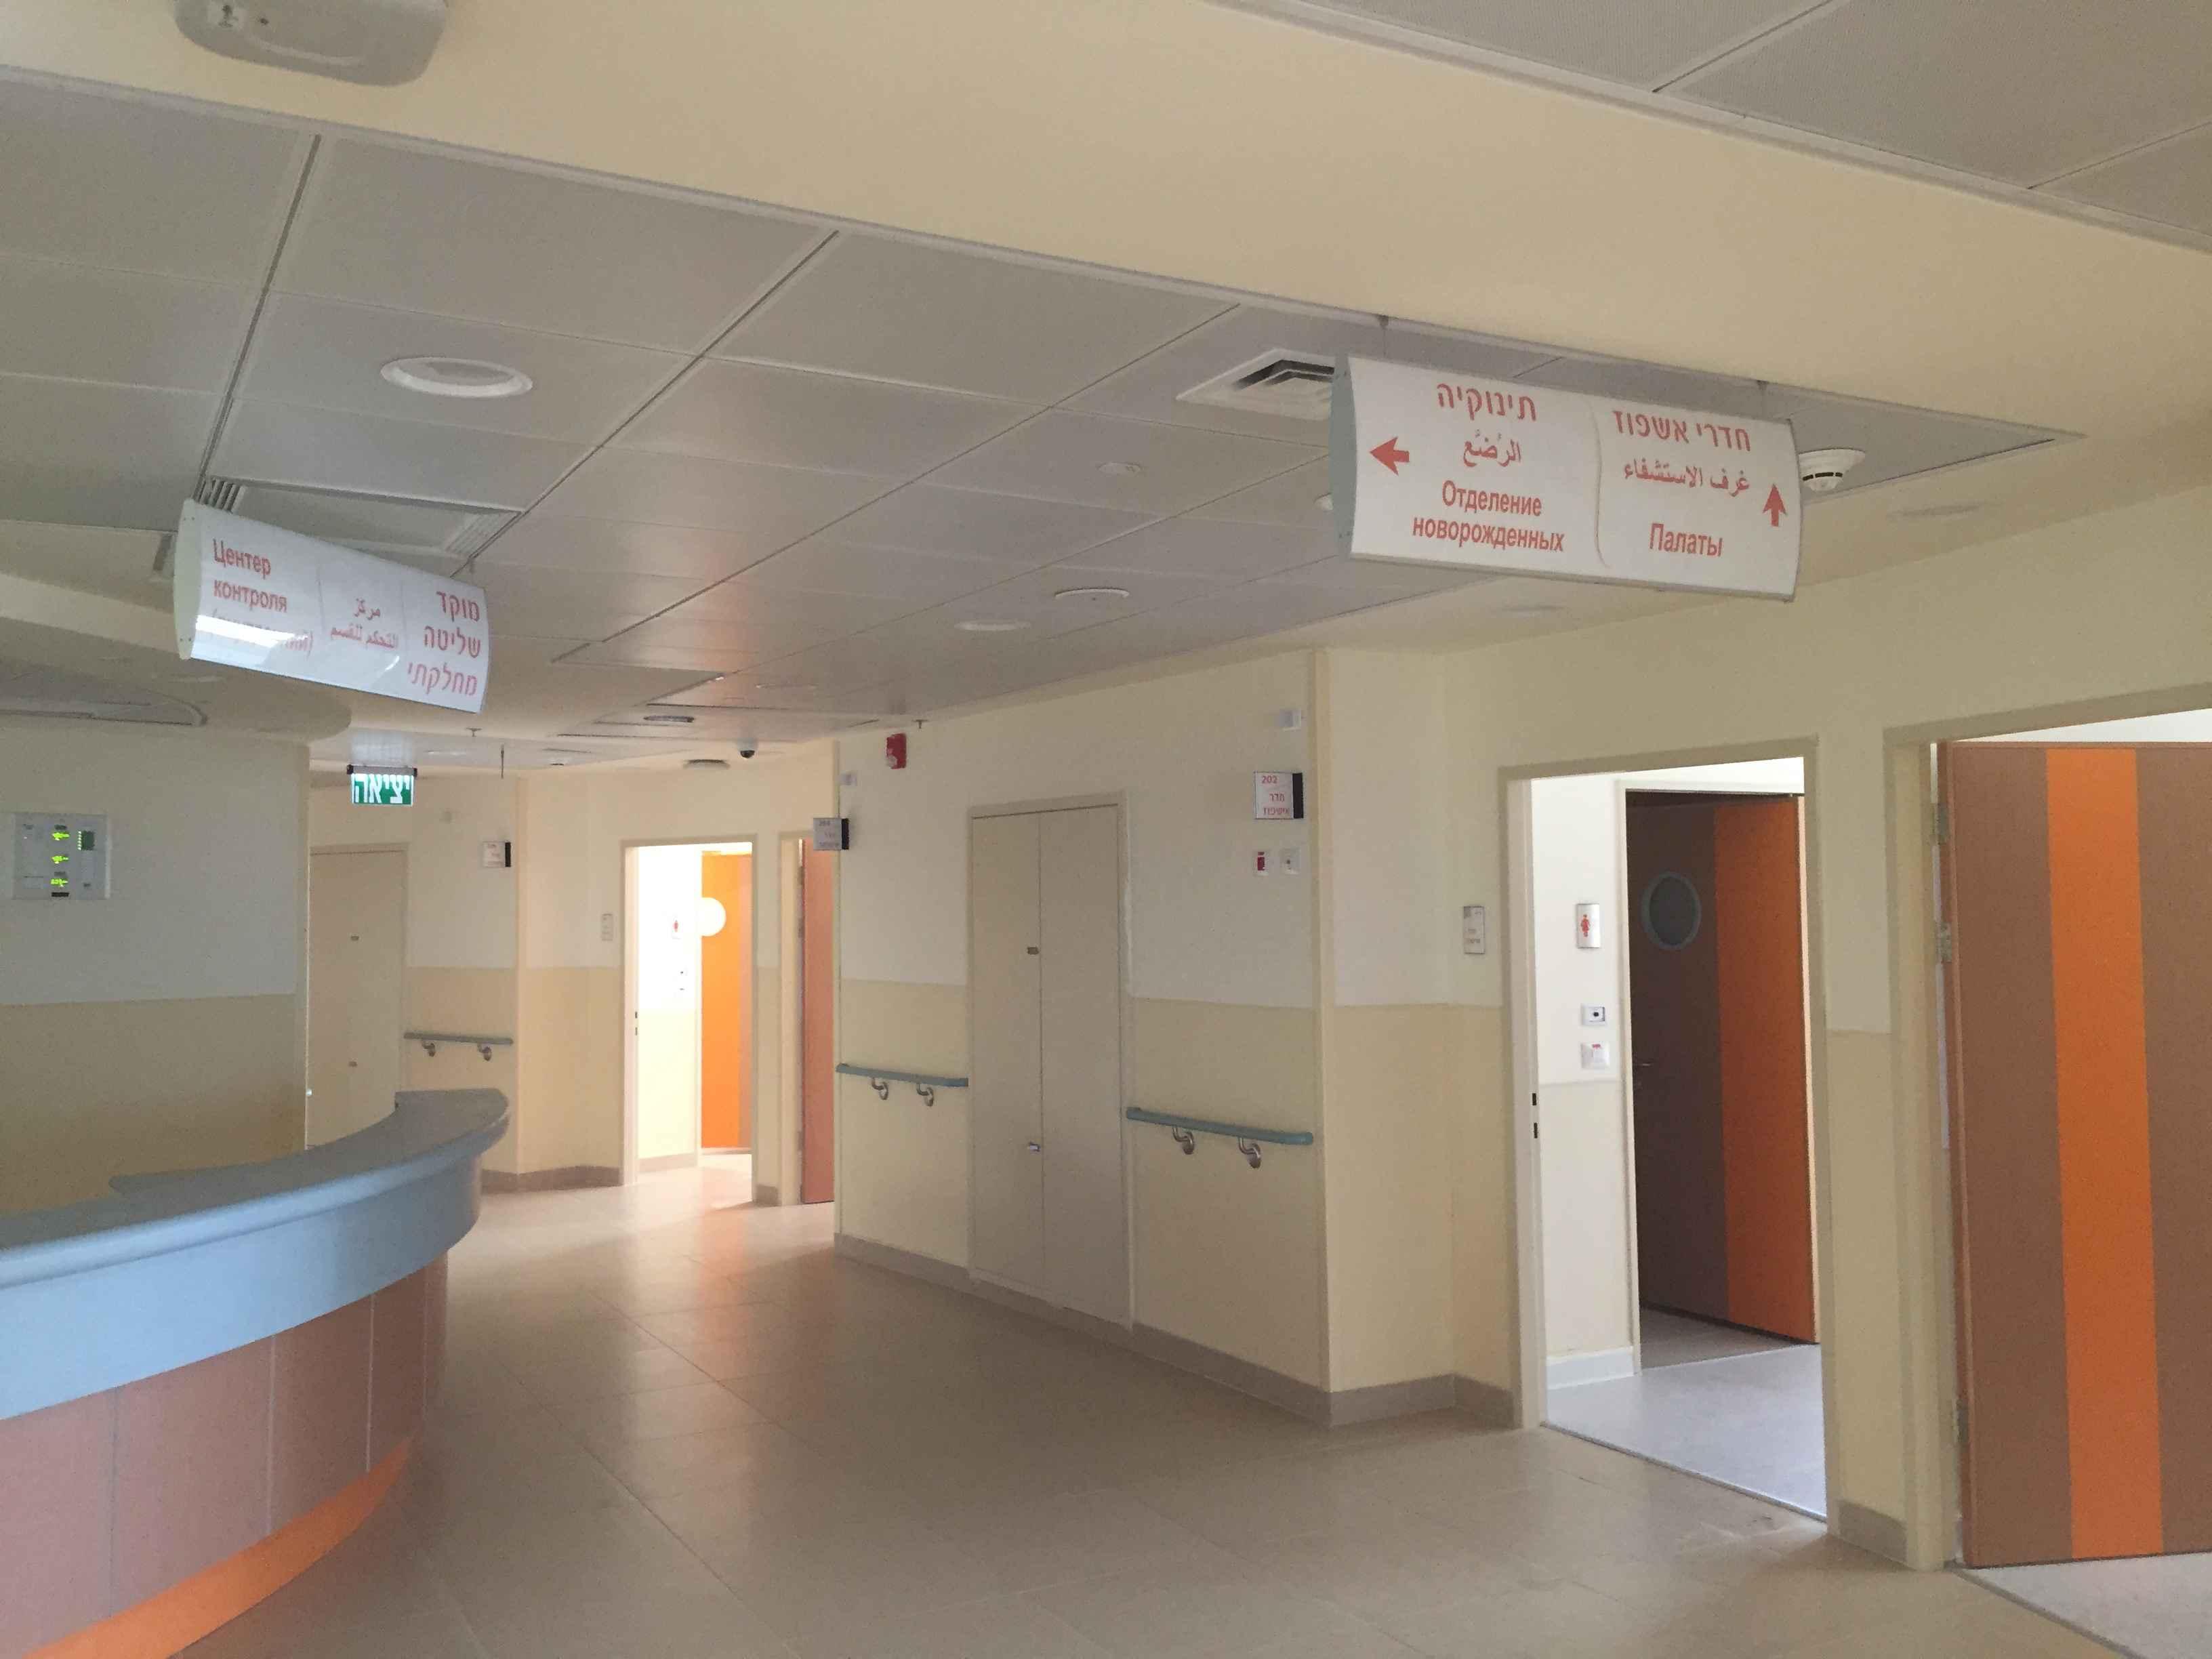 לדרמן חריטה אומנותית - אגף בריאות האישה בבית החולים בנהריה